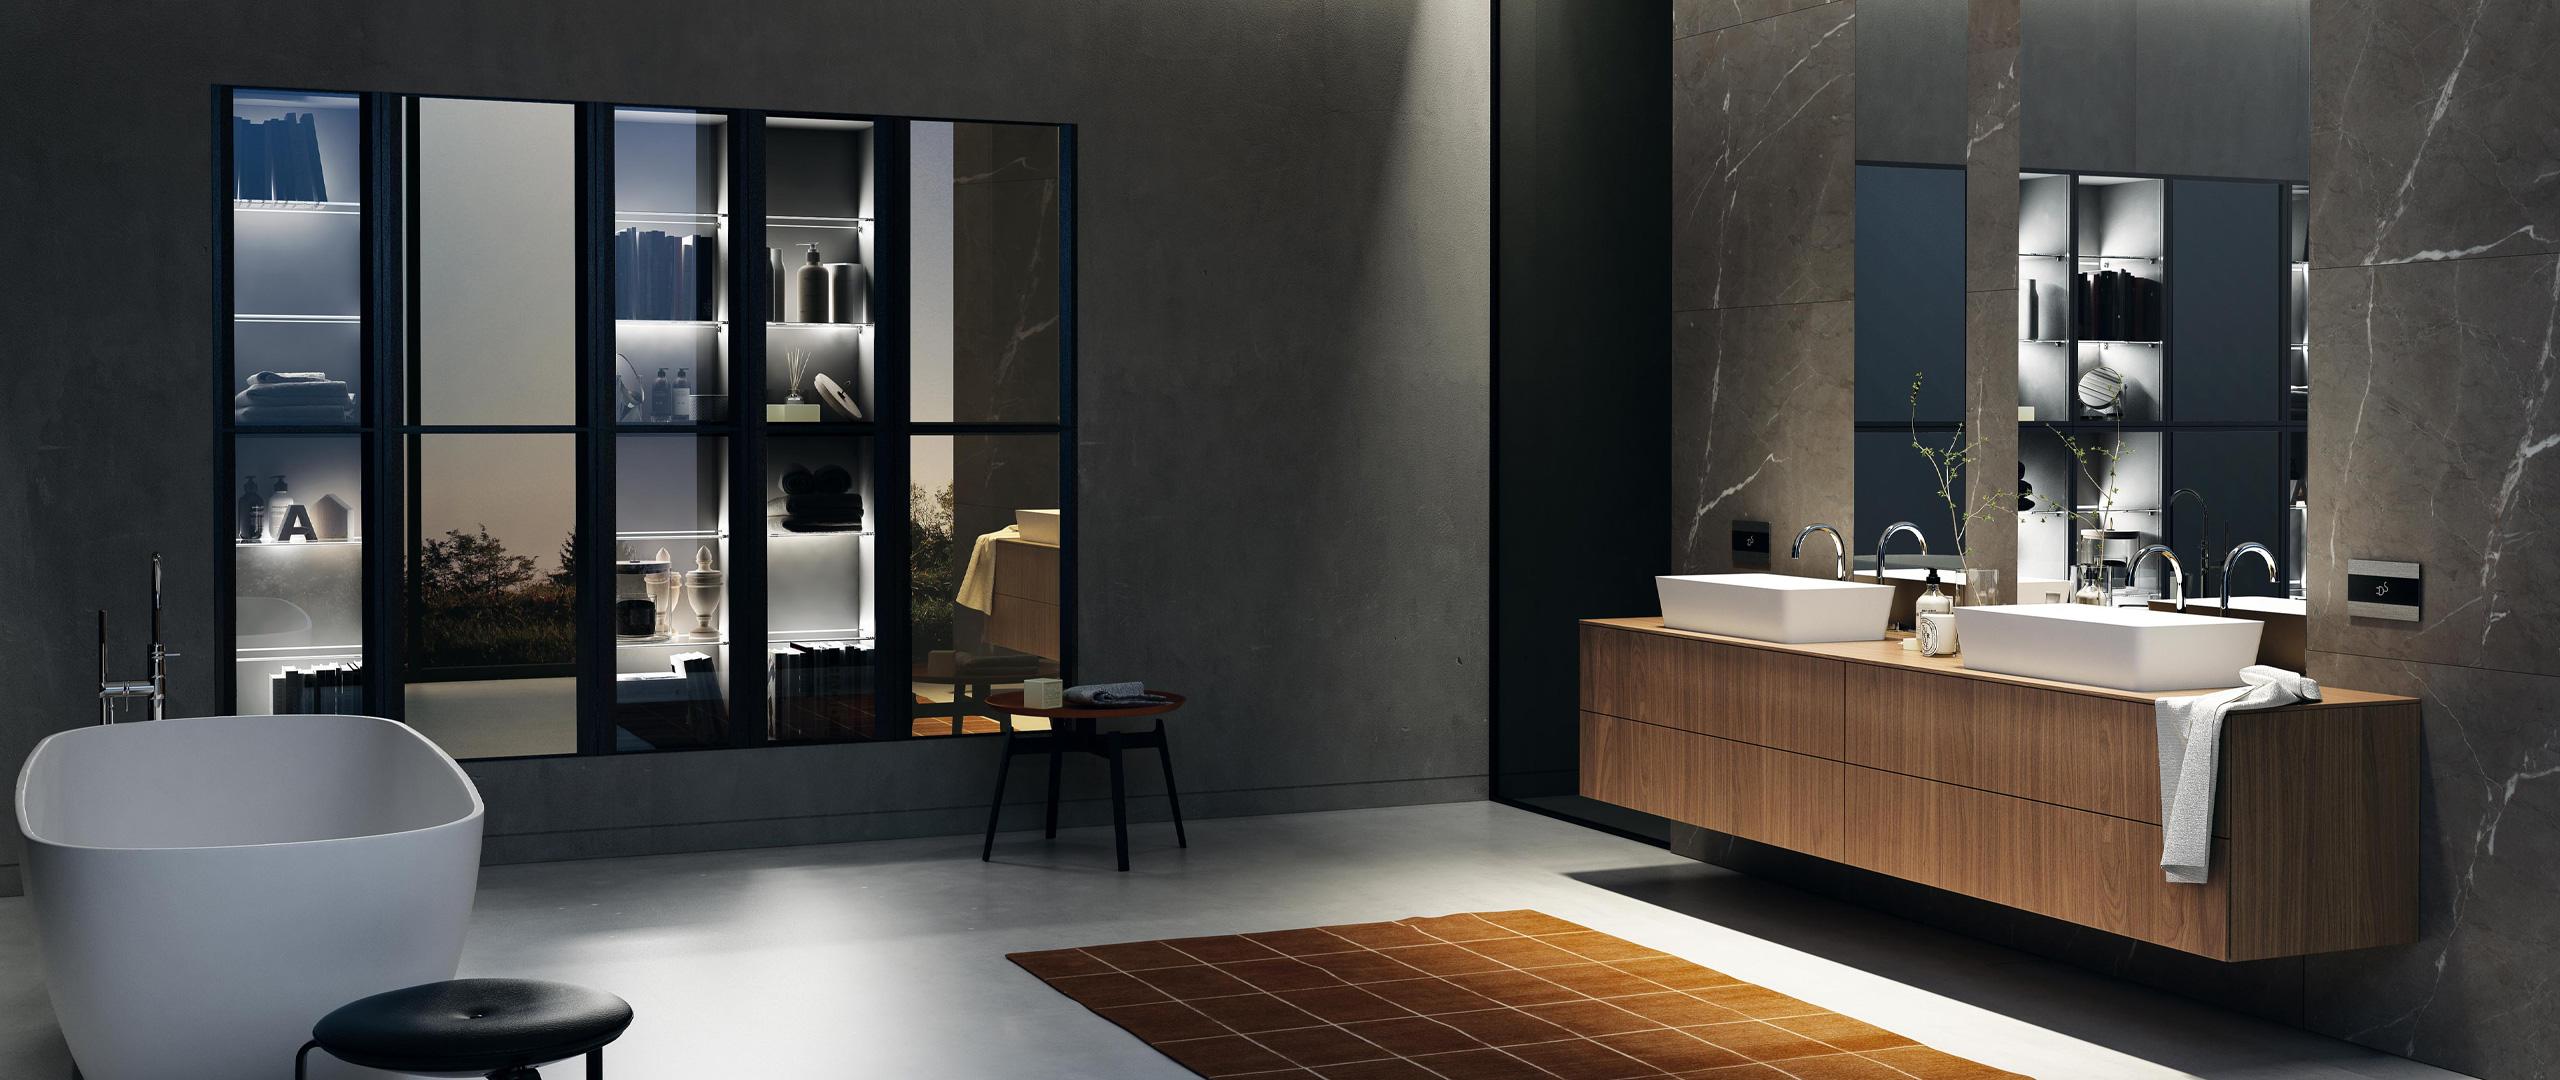 Cucine e arredamento design made in Italy - Novacucina